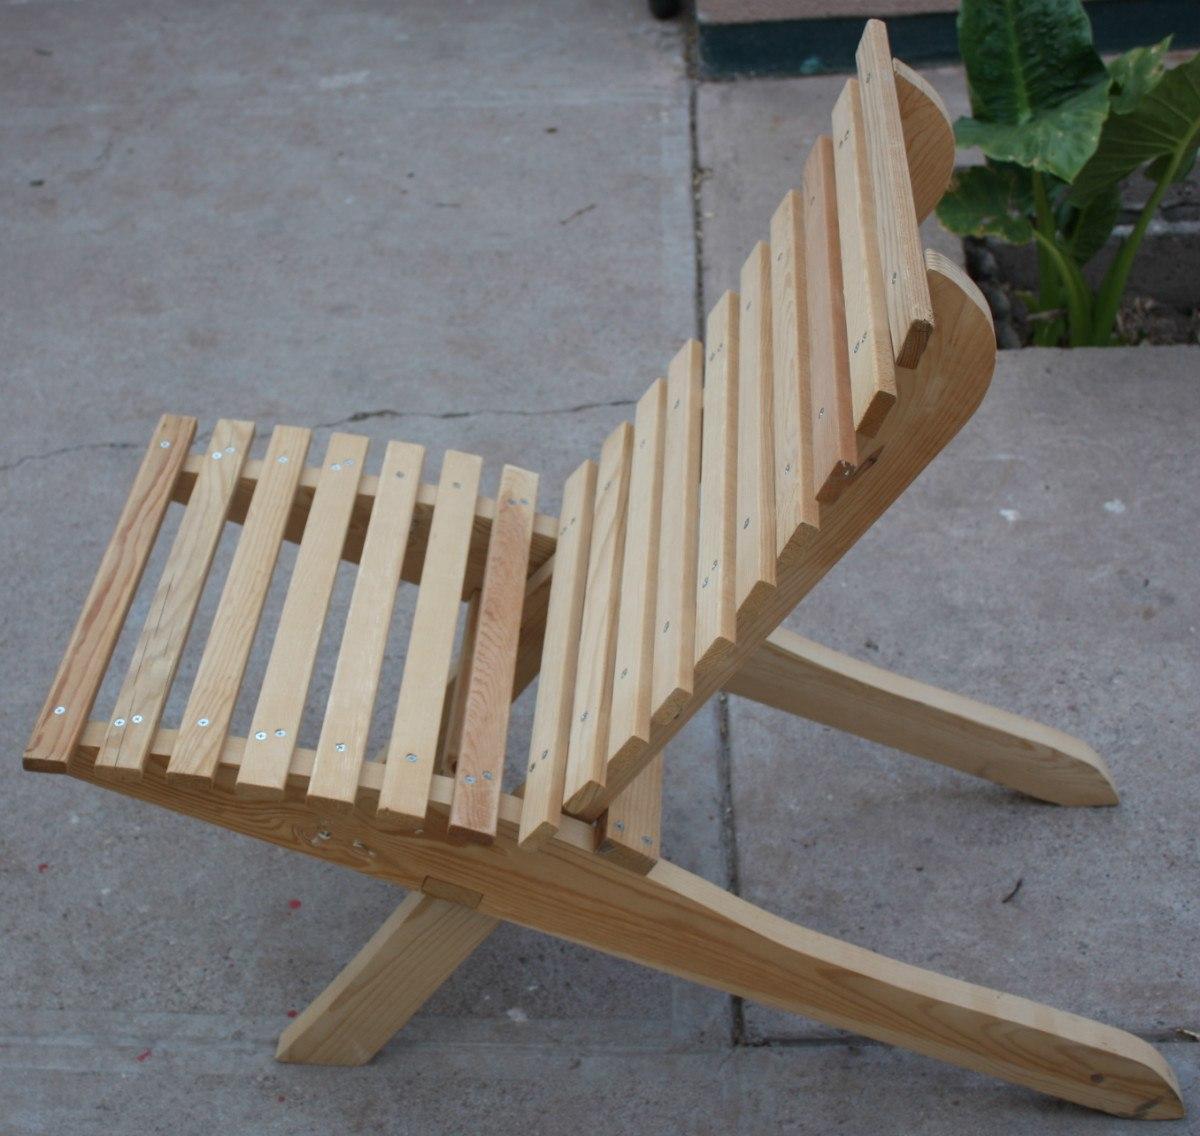 Silla mueble plegable madera jardin o interiores 449 for Silla escalera de madera plegable